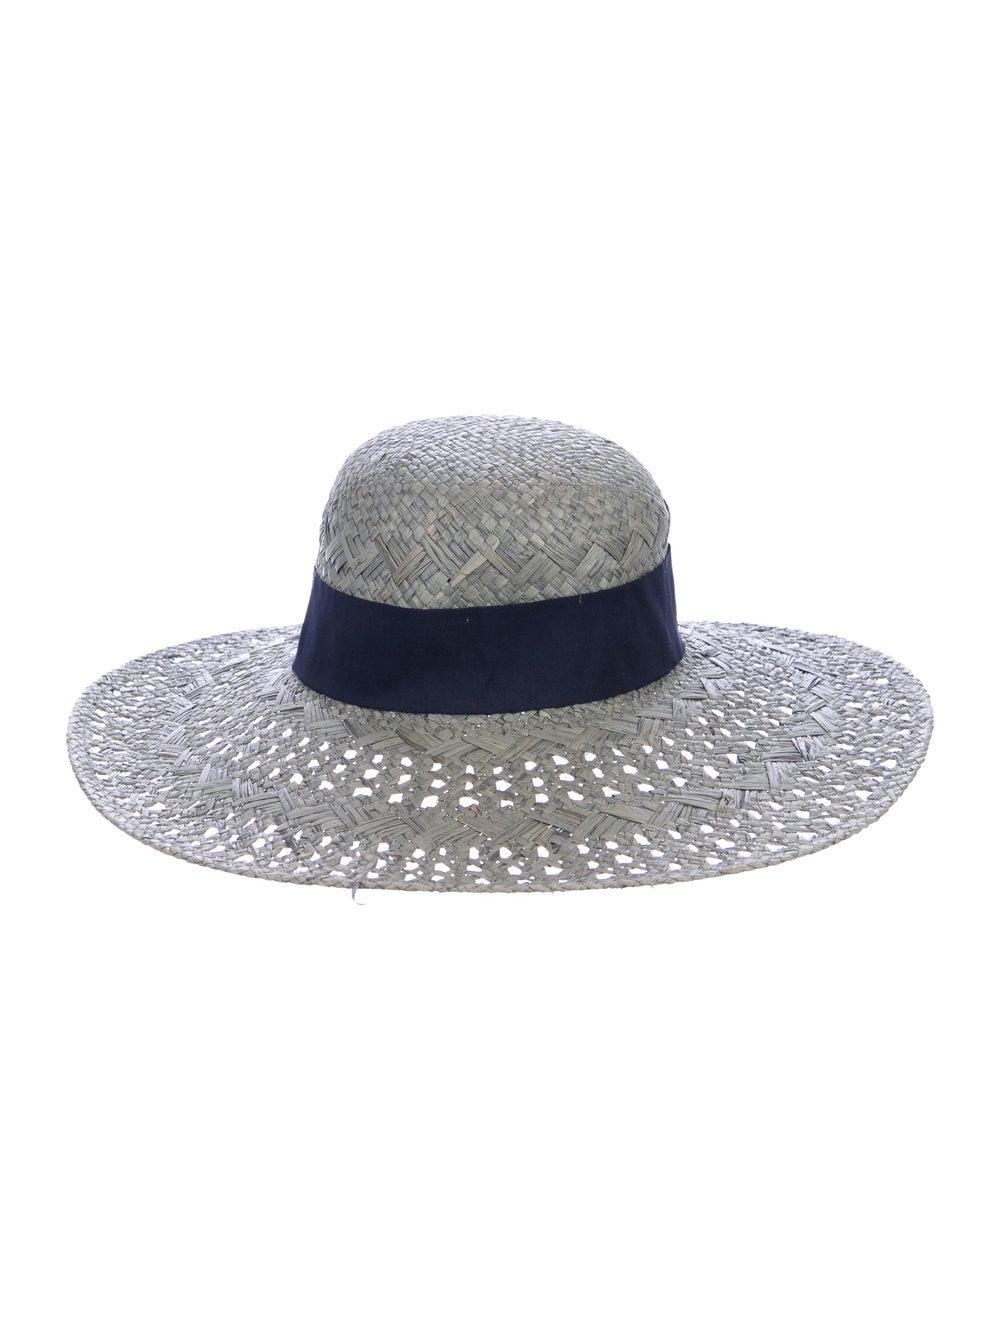 Goorin Bros. Straw Wide-Brim Hat Grey - image 2